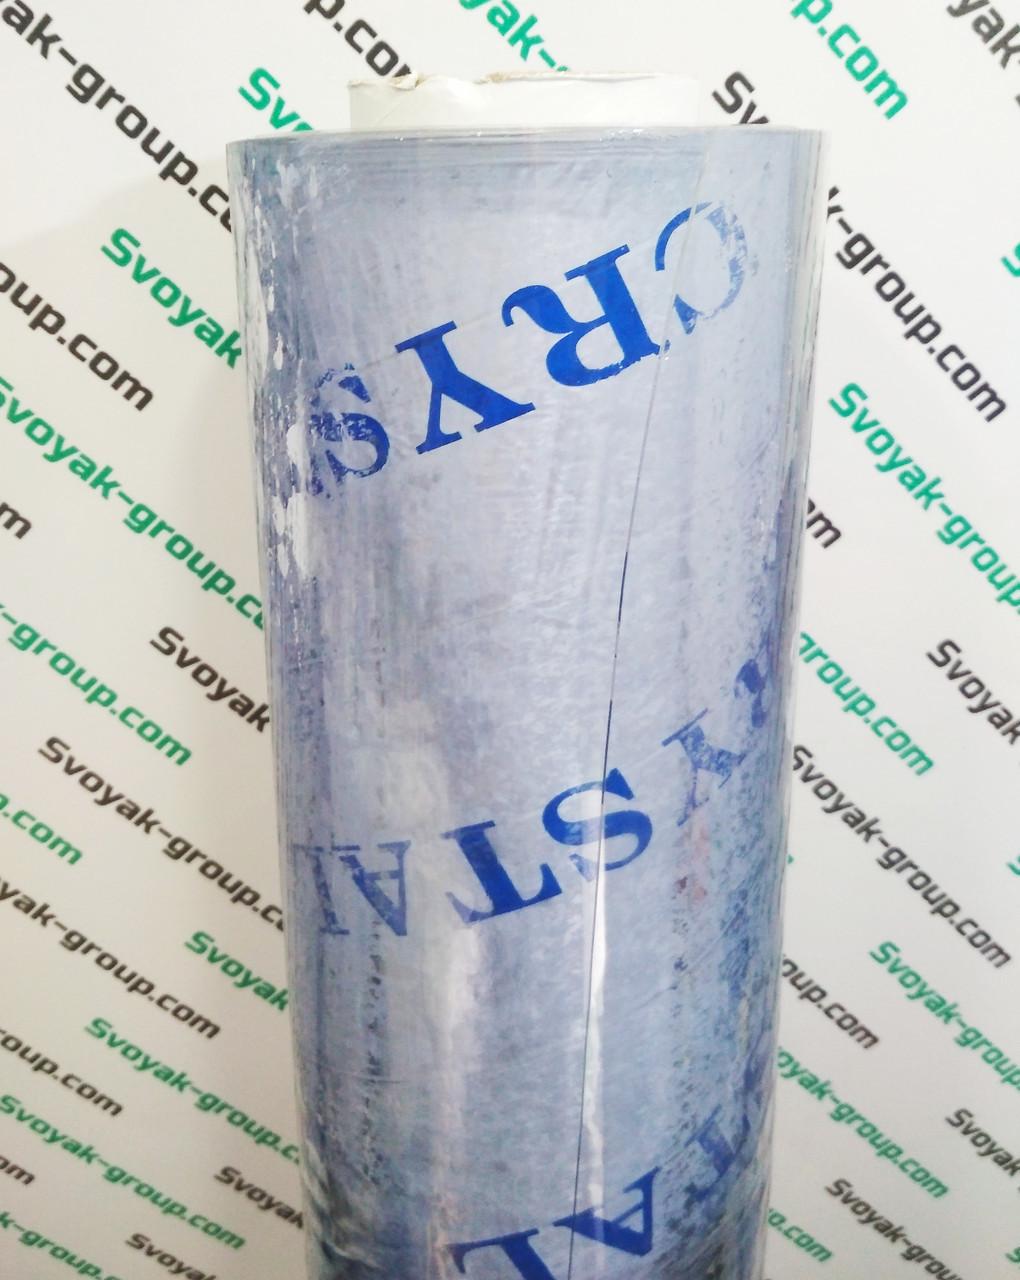 Пленка гибкое стекло пвх силиконовая 1200 мкм (1,2 мм) - 1,4х15 м.Прозрачная на окна, столы.